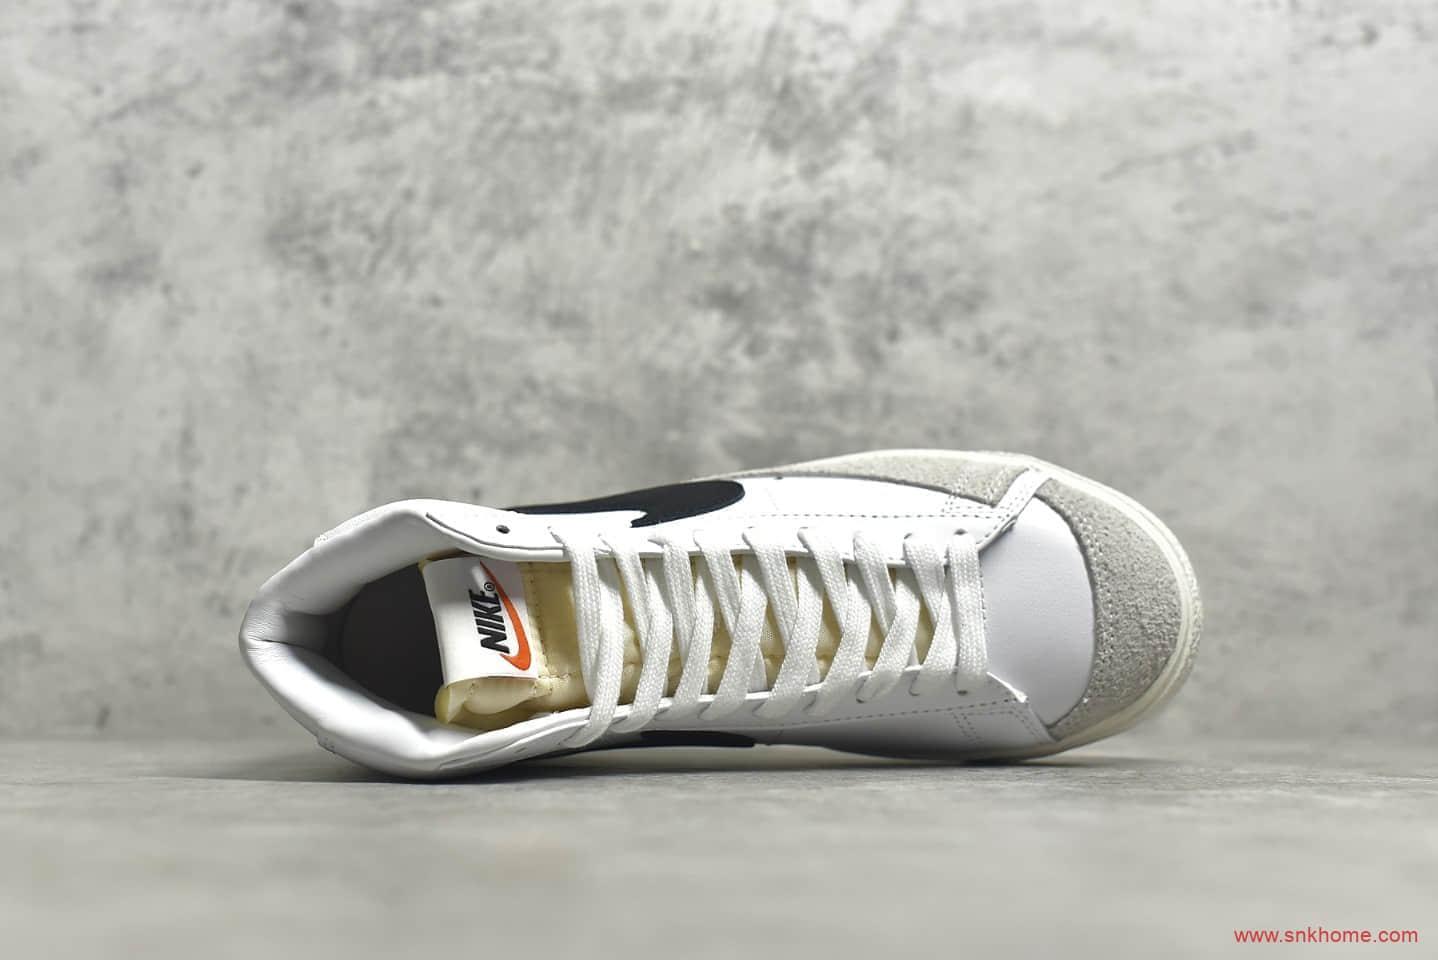 耐克开拓者白黑高帮 NIKE ZOOM BLAZER MID 耐克小白鞋高帮纯原版本 货号:CZ0376-500-潮流者之家